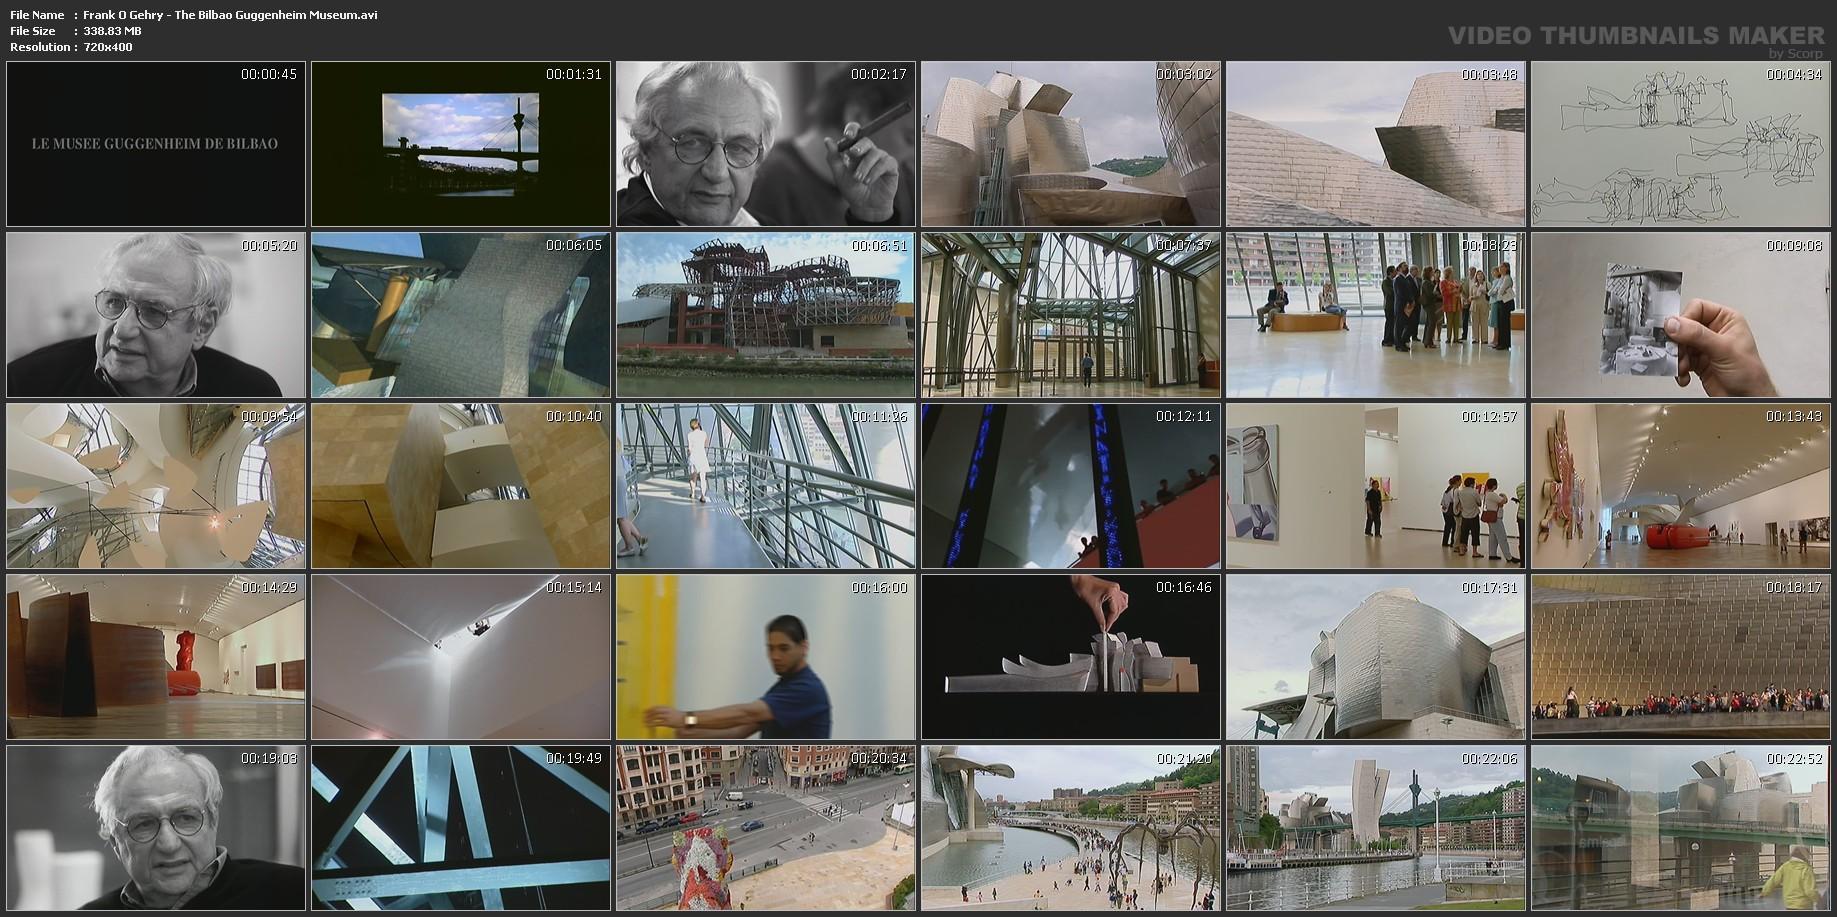 http://d20.ir/14/Images/367/Large/Frank_O_Gehry_-_The_Bilbao_Guggenheim_Museum.avi.jpg